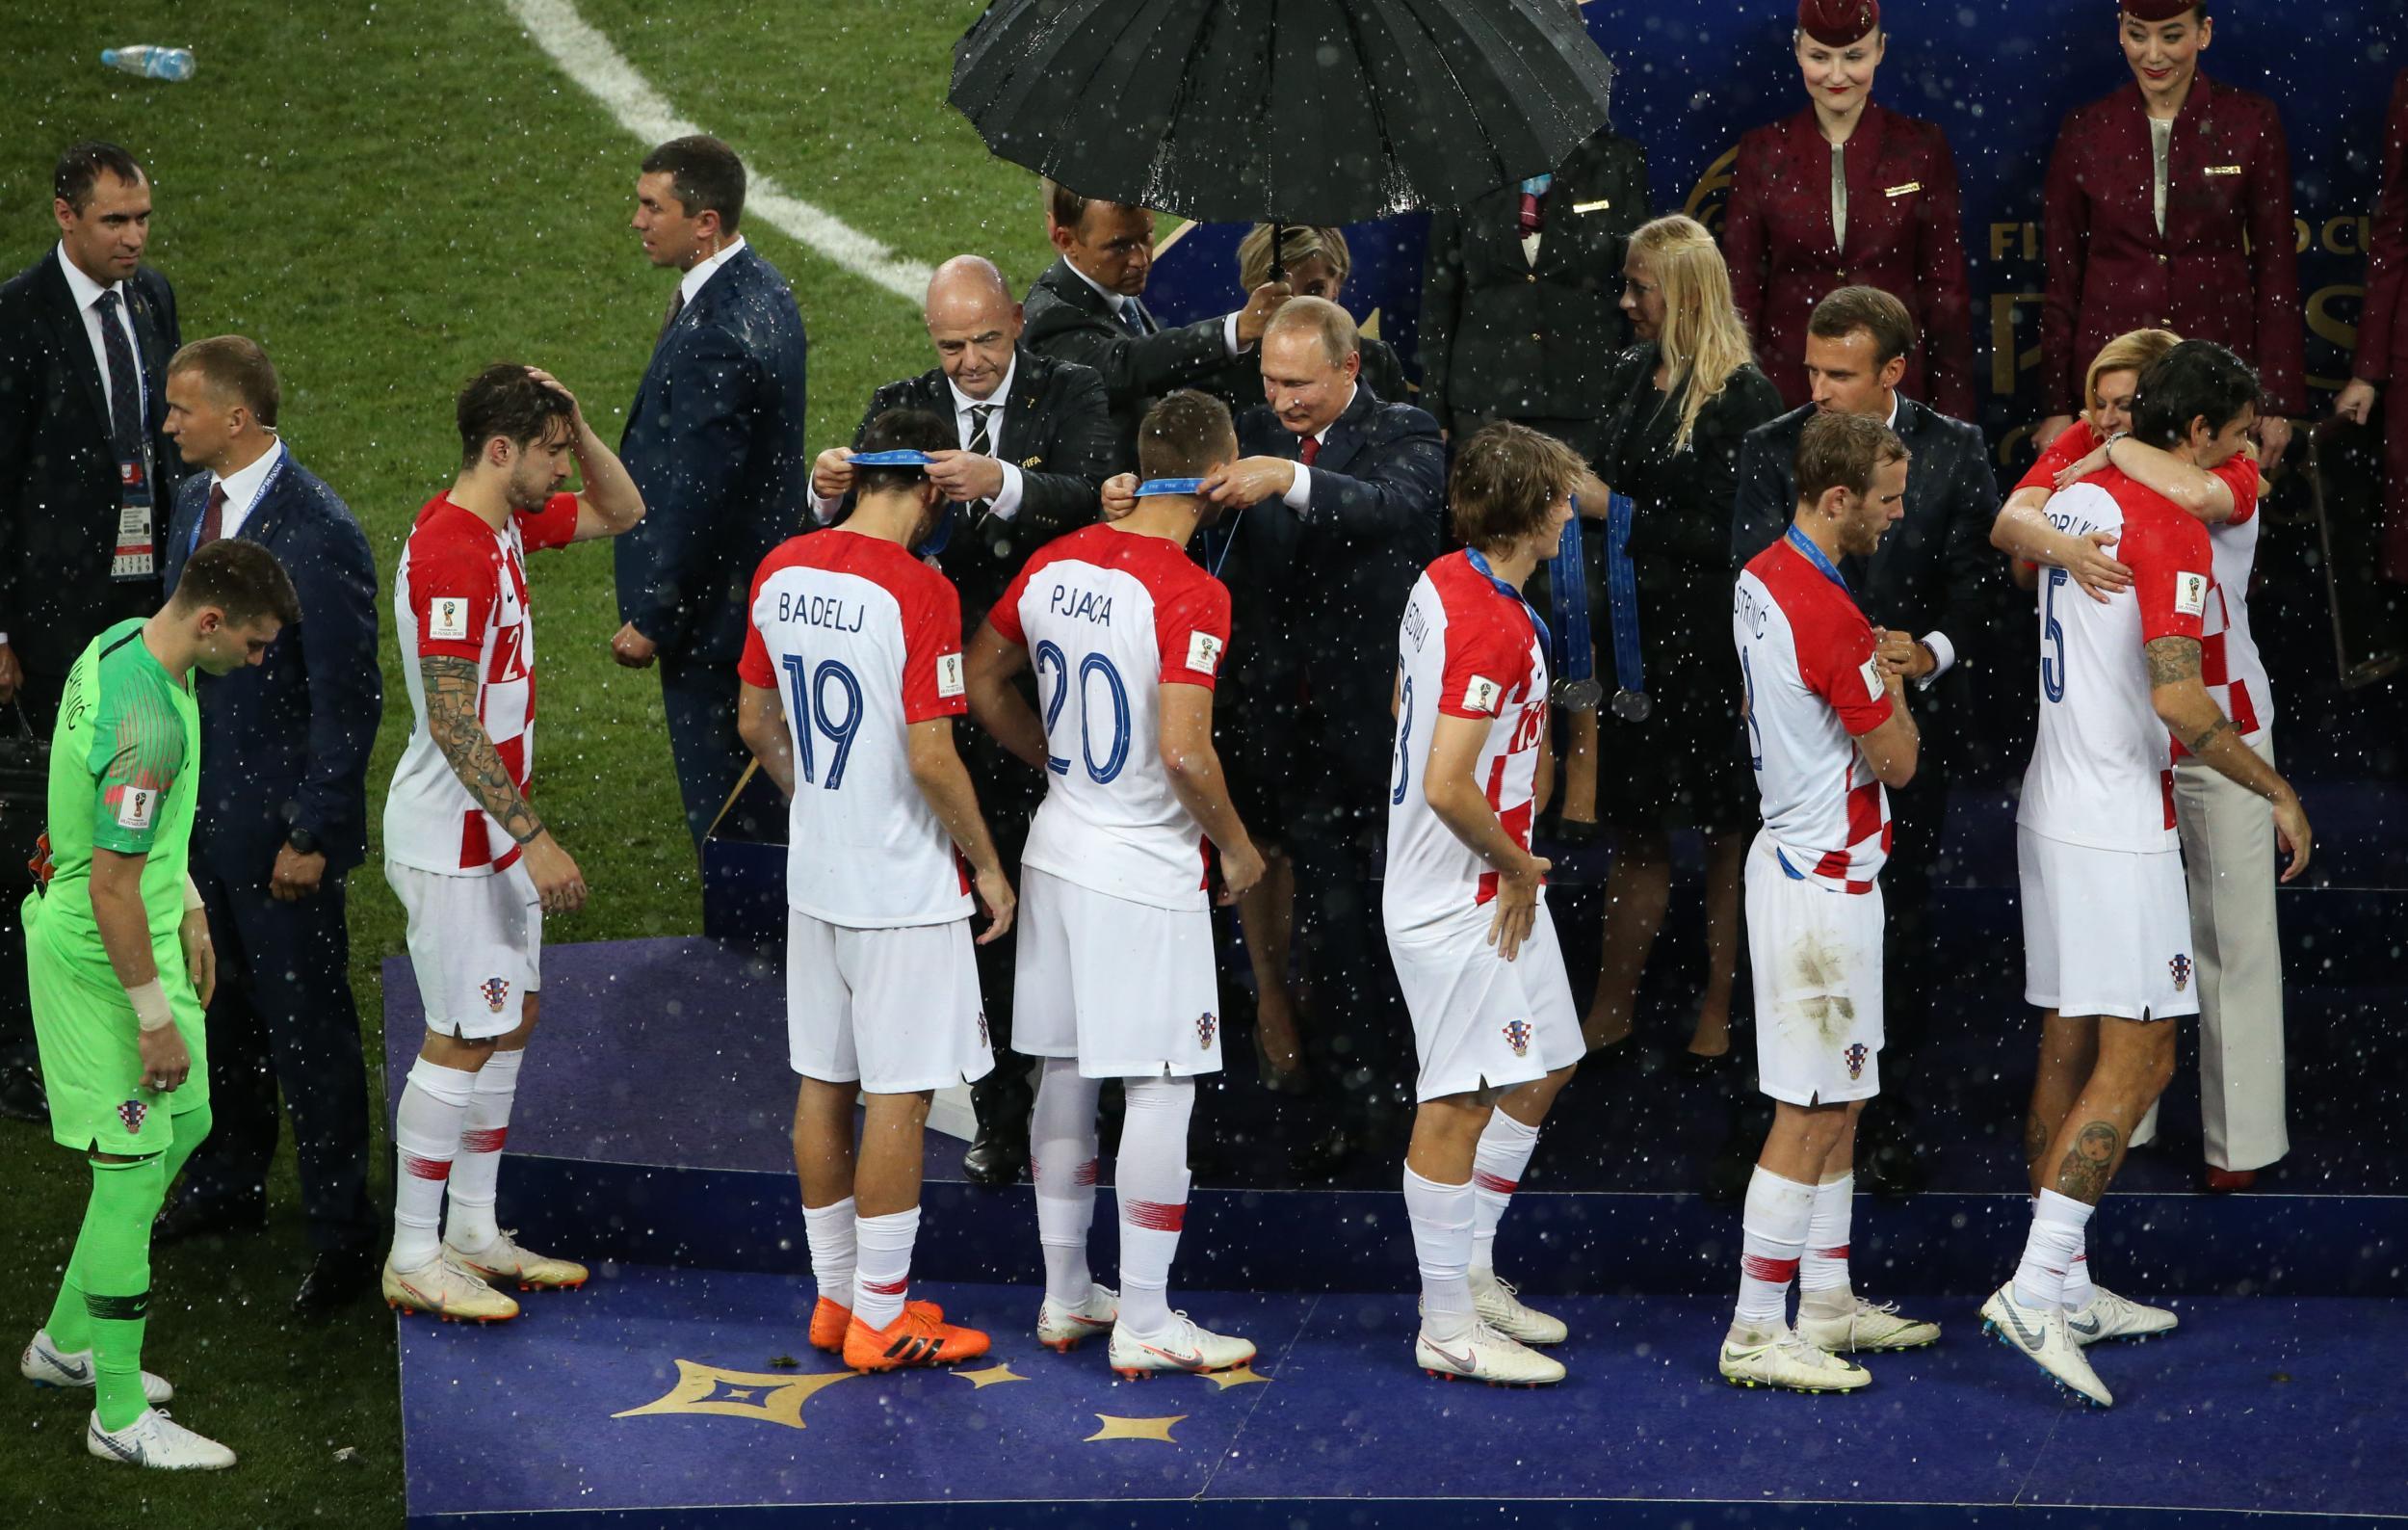 世界杯|克罗地亚队获得亚军